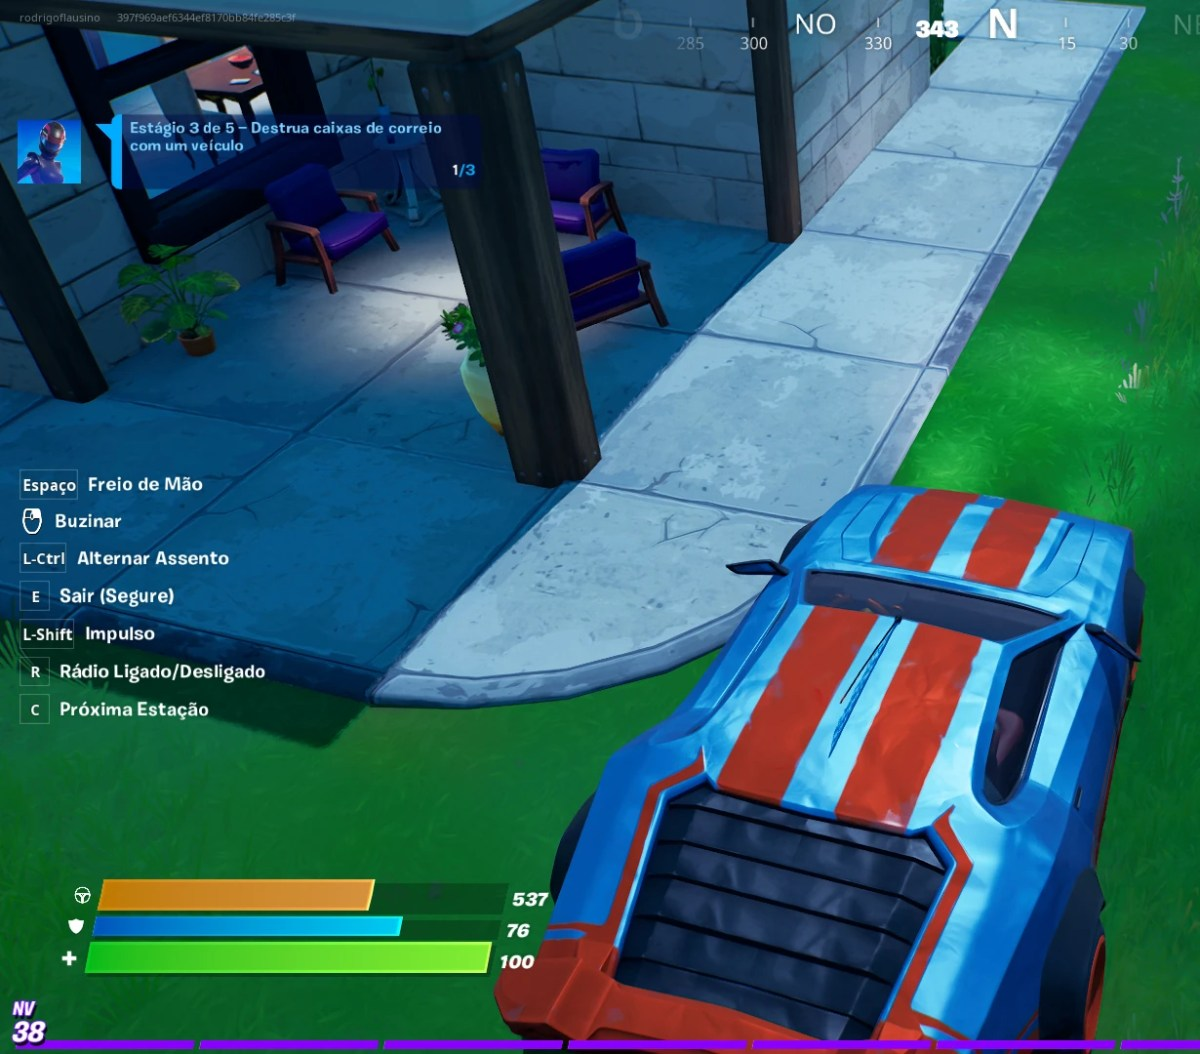 Guia de Fortnite - Destruindo uma caixa de correio com um carro 01